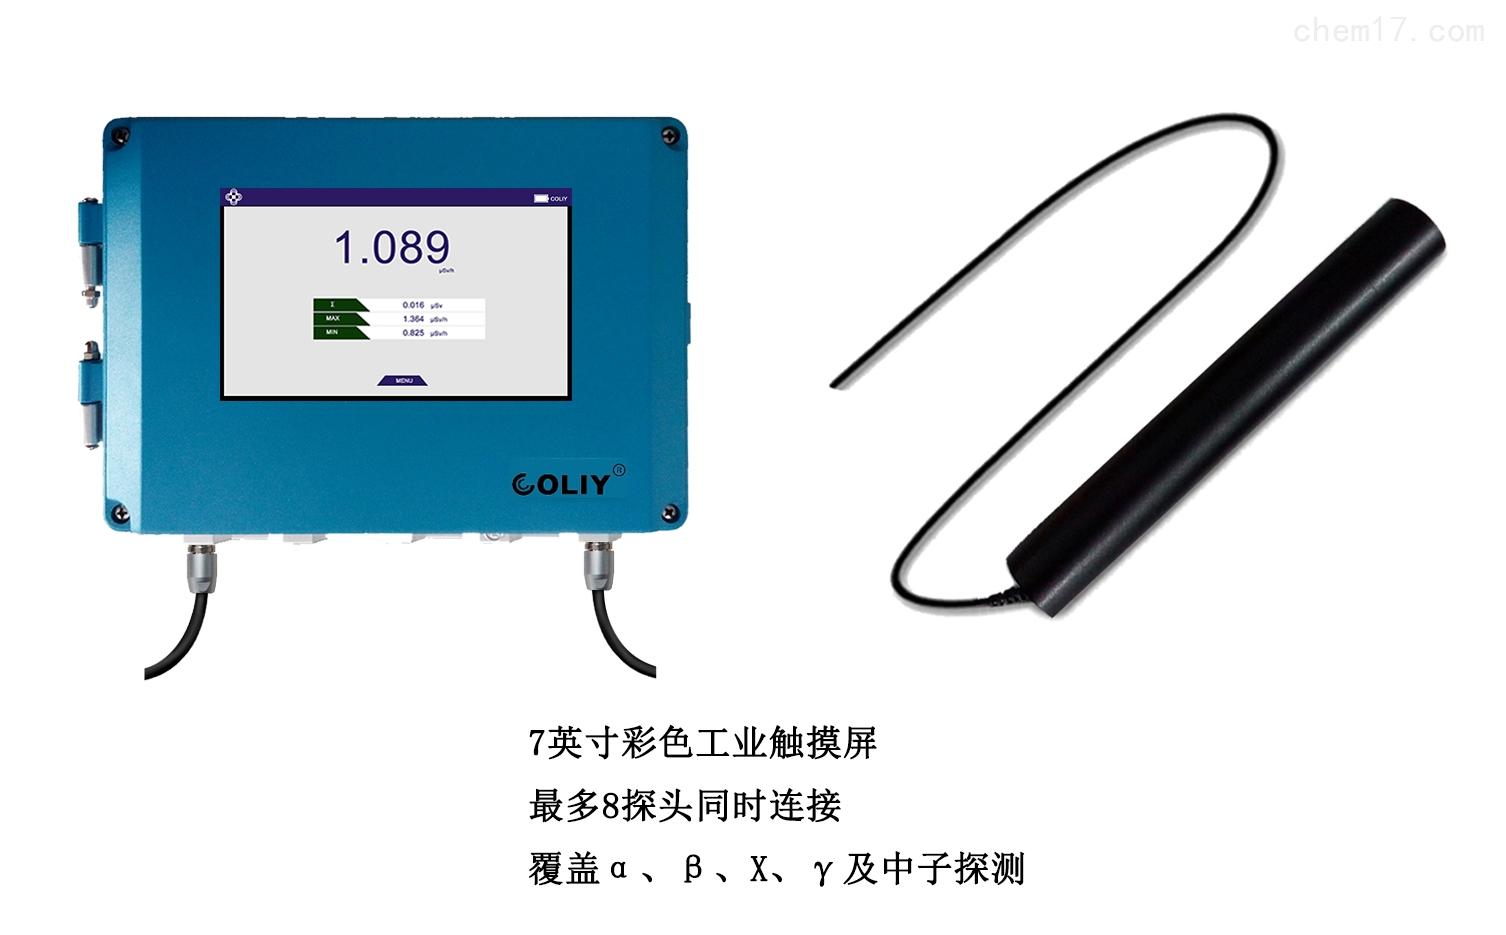 R2000核辐射在线监测系统可检测多种射线